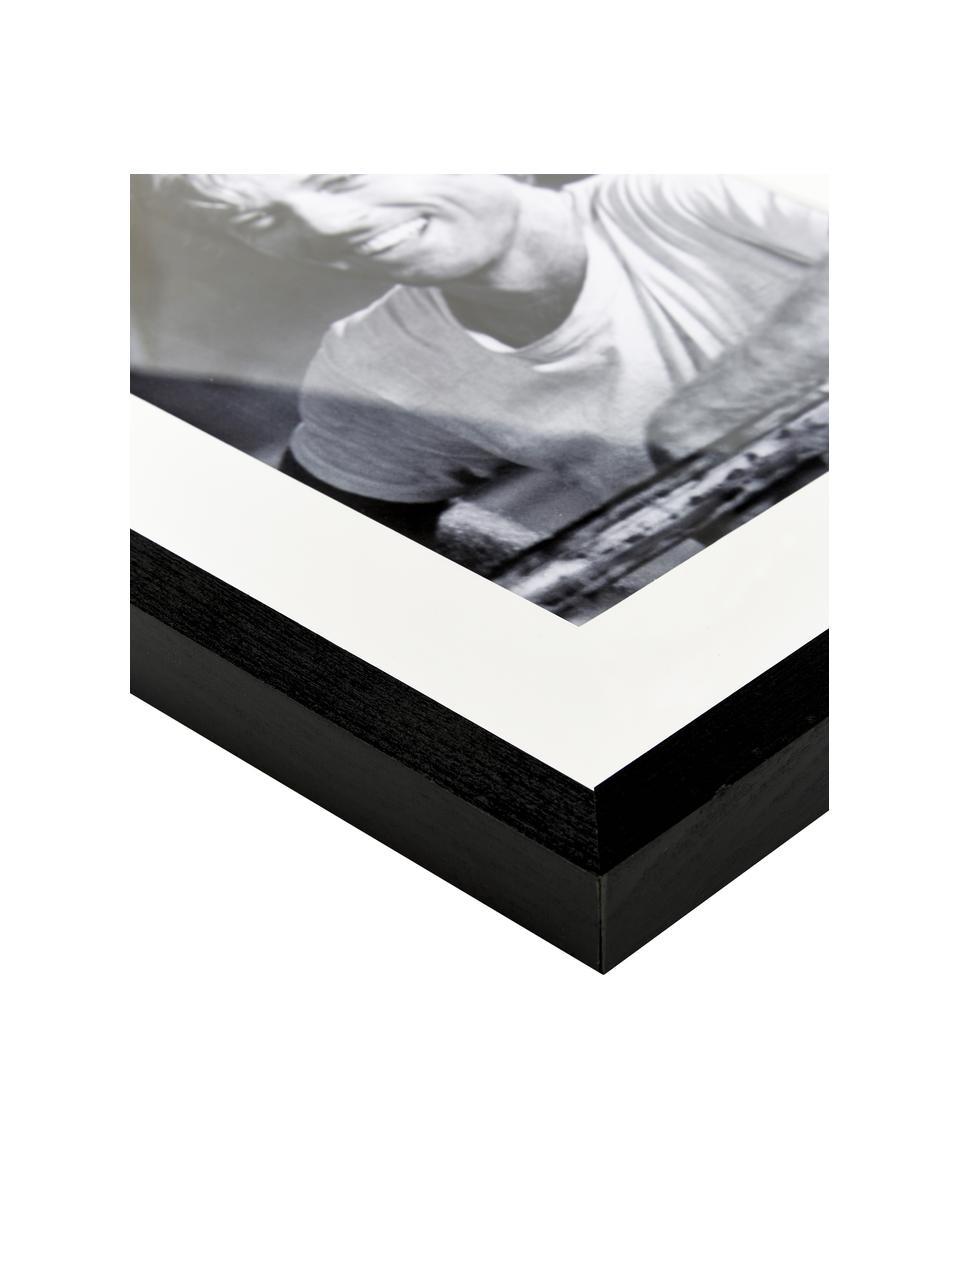 Gerahmter Digitaldruck Robert Redford, Bild: Digitaldruck auf Papier, , Rahmen: Holz, lackiert, Front: Plexiglas, Bild: Schwarz, Weiß Rahmen: Schwarz, 33 x 43 cm